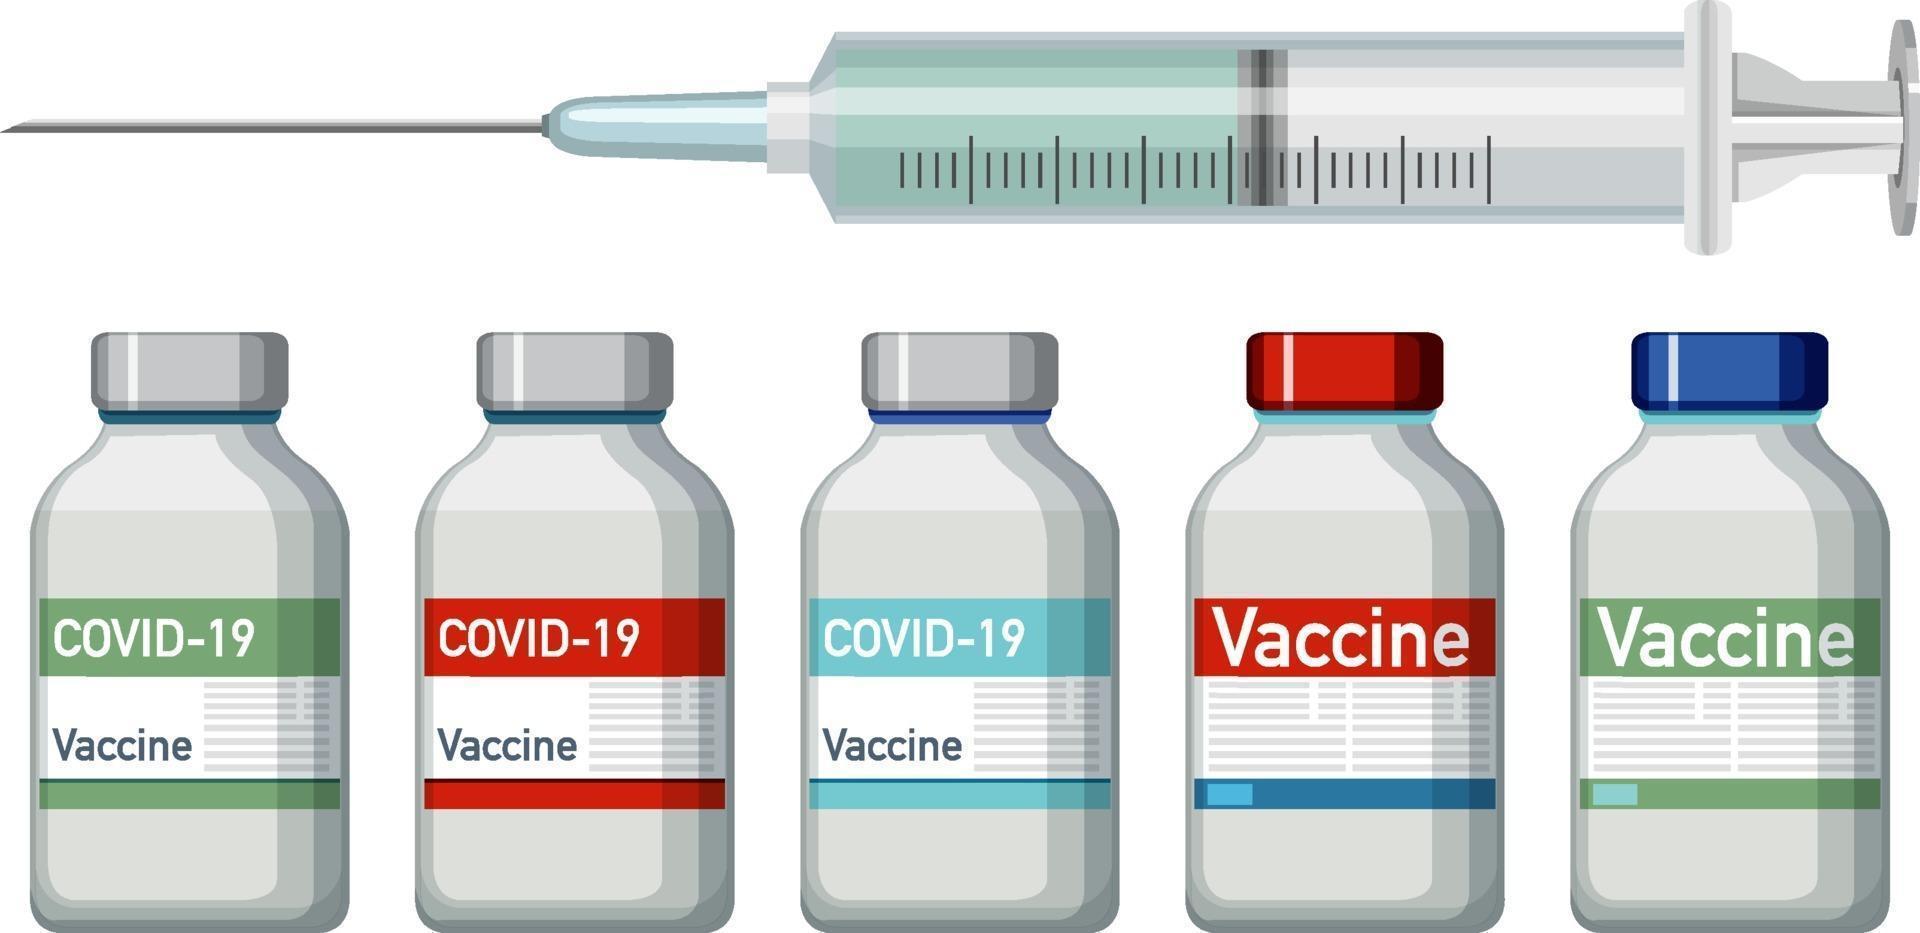 fiale di vaccino e siringa su sfondo bianco vettore